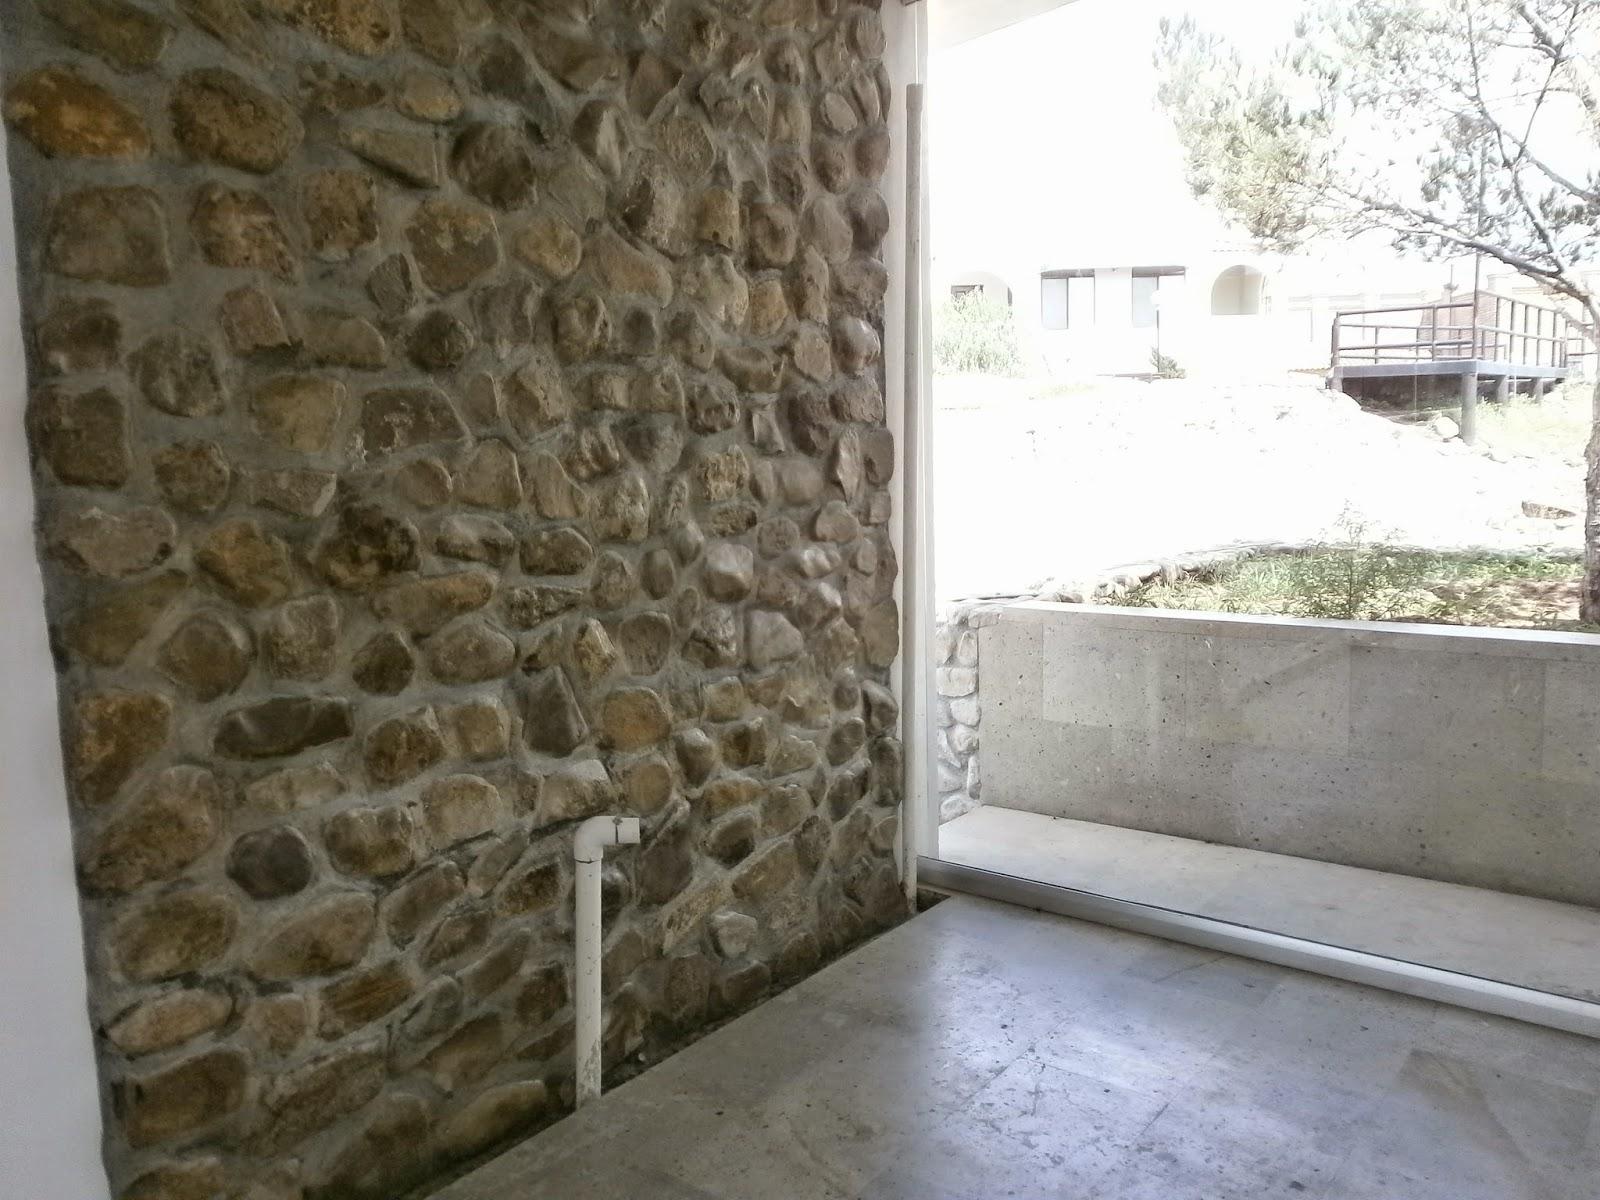 Como cubrir un muro de concreto con piedras y mortero - Muros de piedra construccion ...